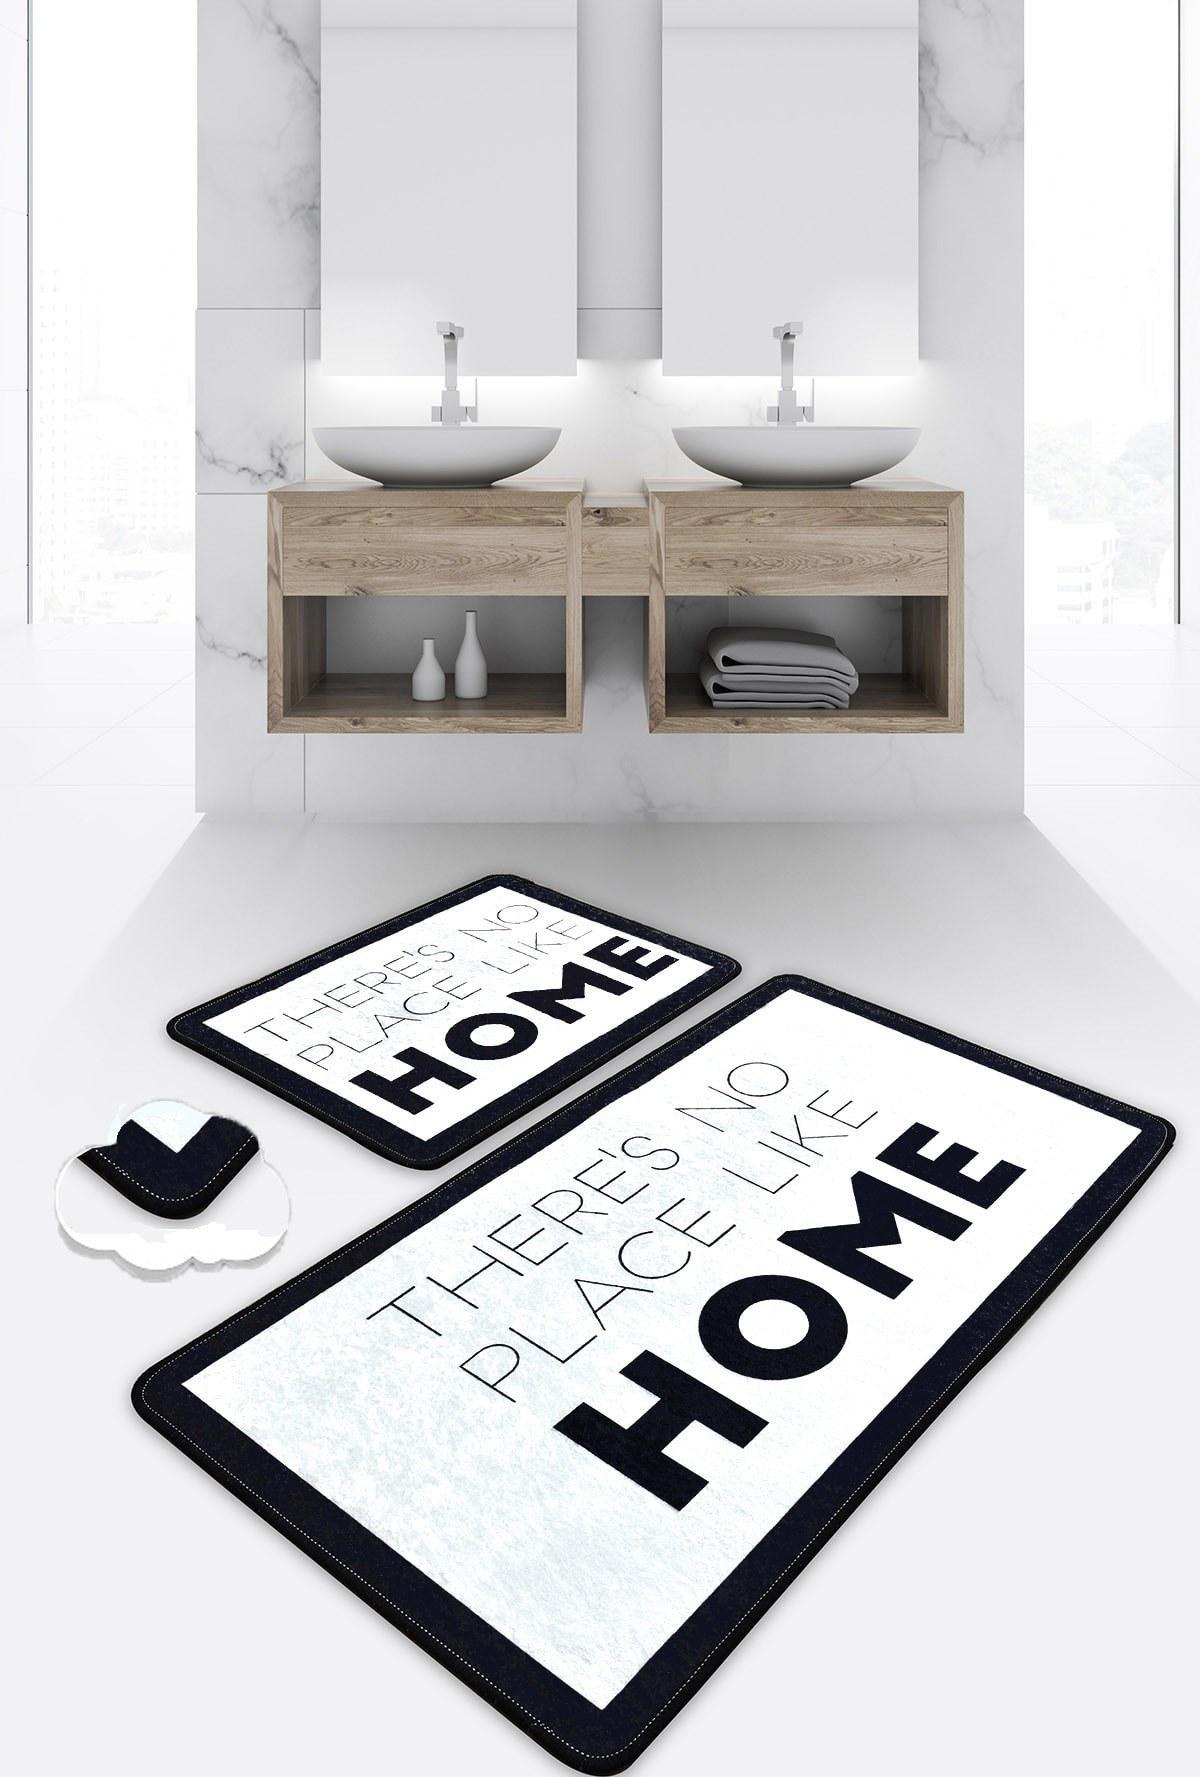 تصویر ست زیرپایی فرش حمام خانه برند Chilai Home کد 1617165322